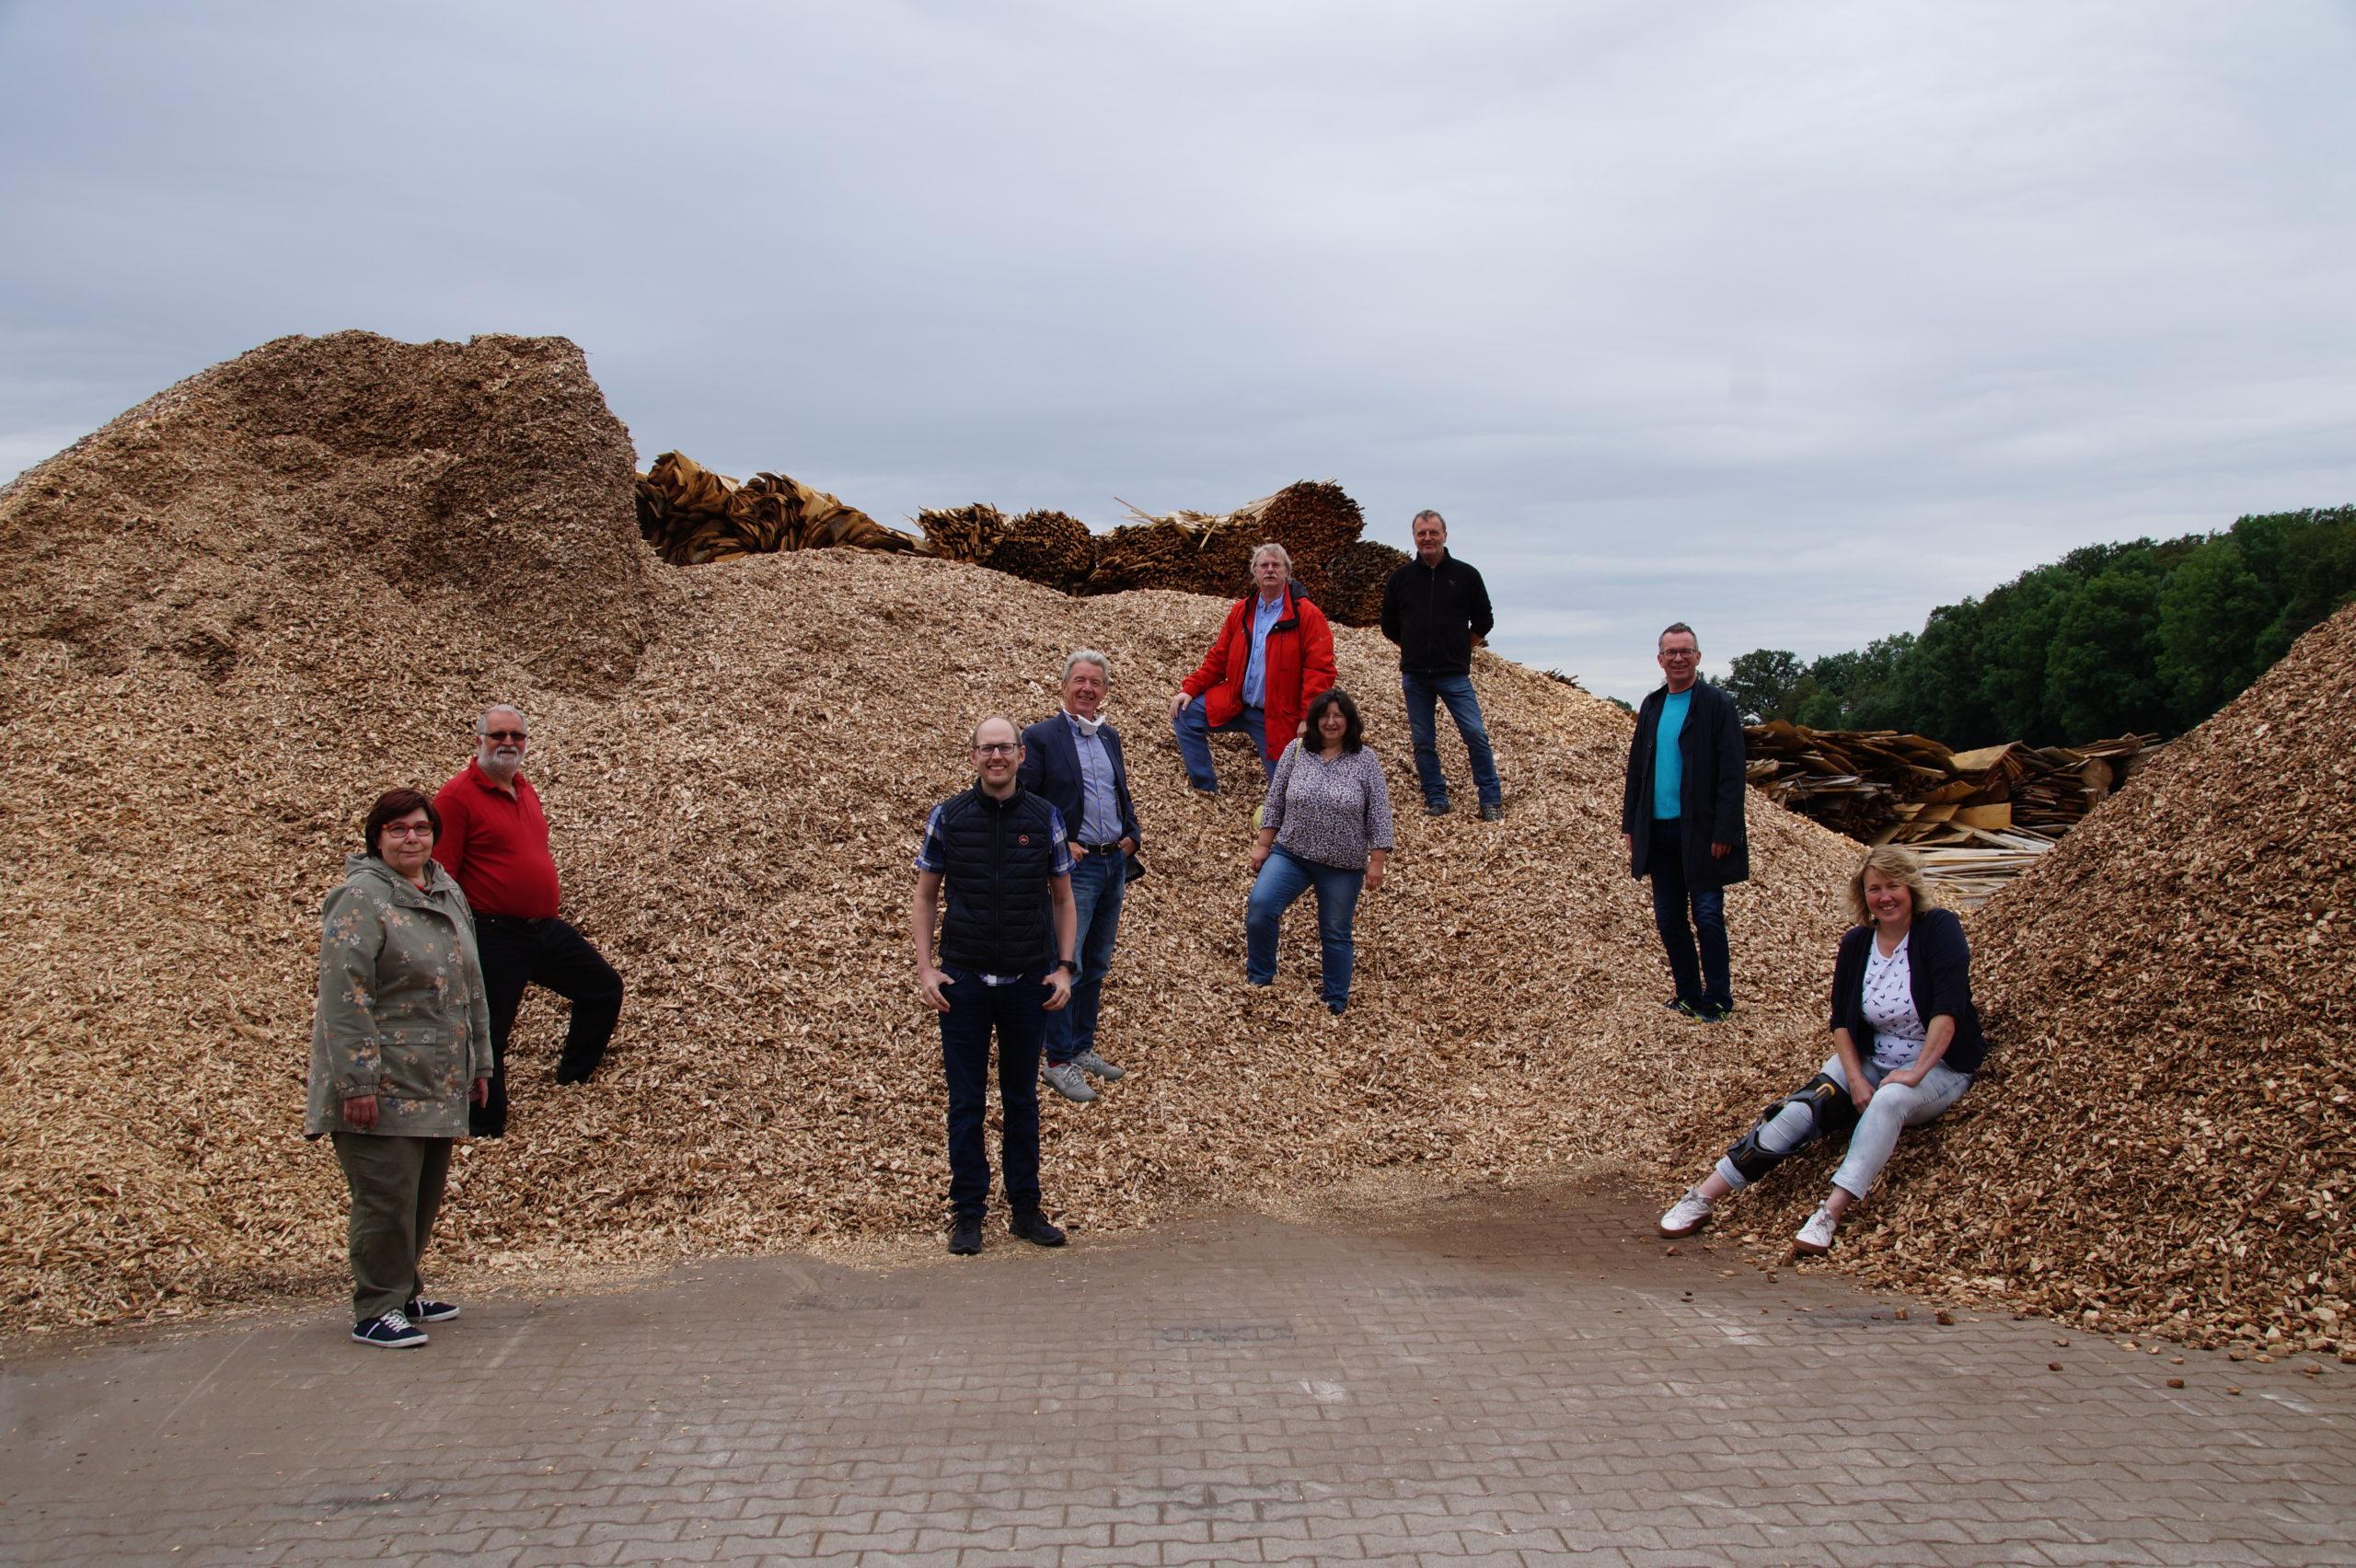 Menschen stehen auf einem Hügel aus Holzhackschnitzeln